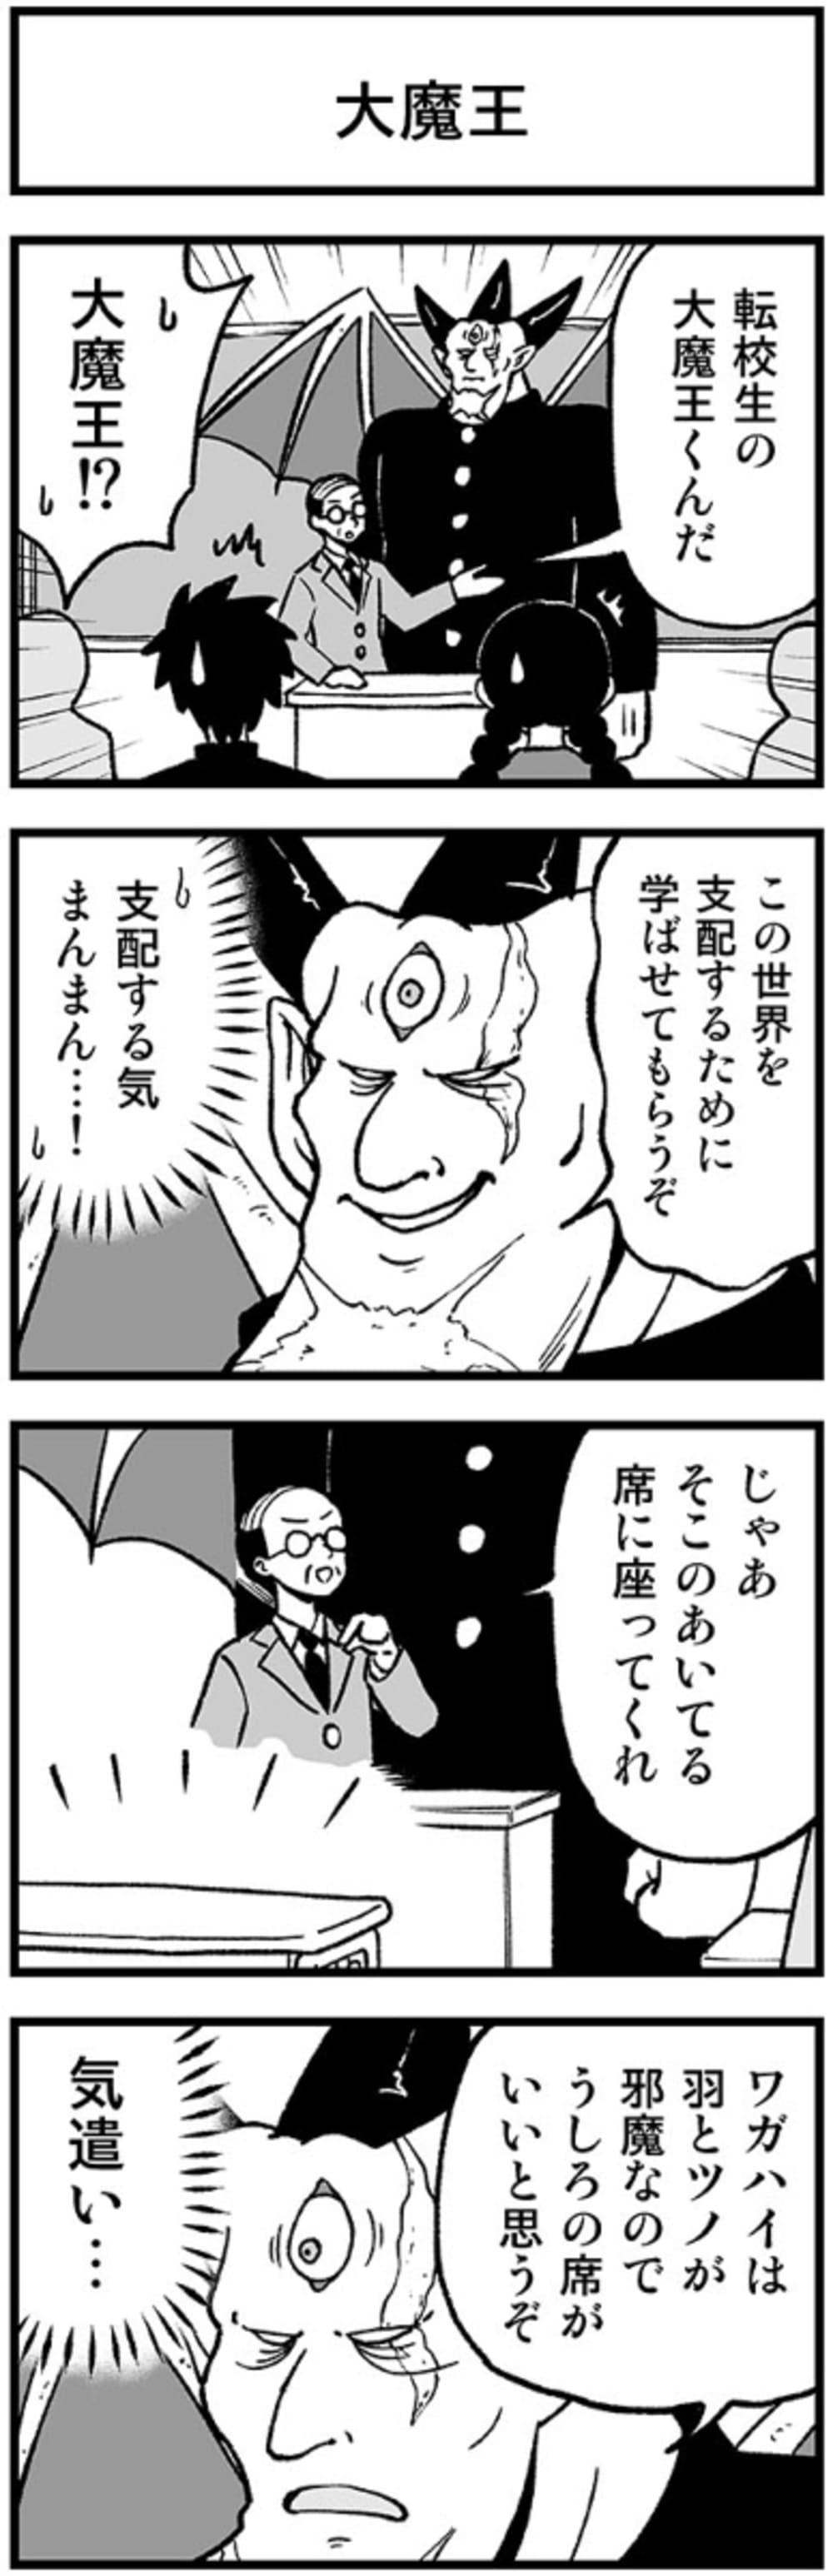 77591464_p0_master1200